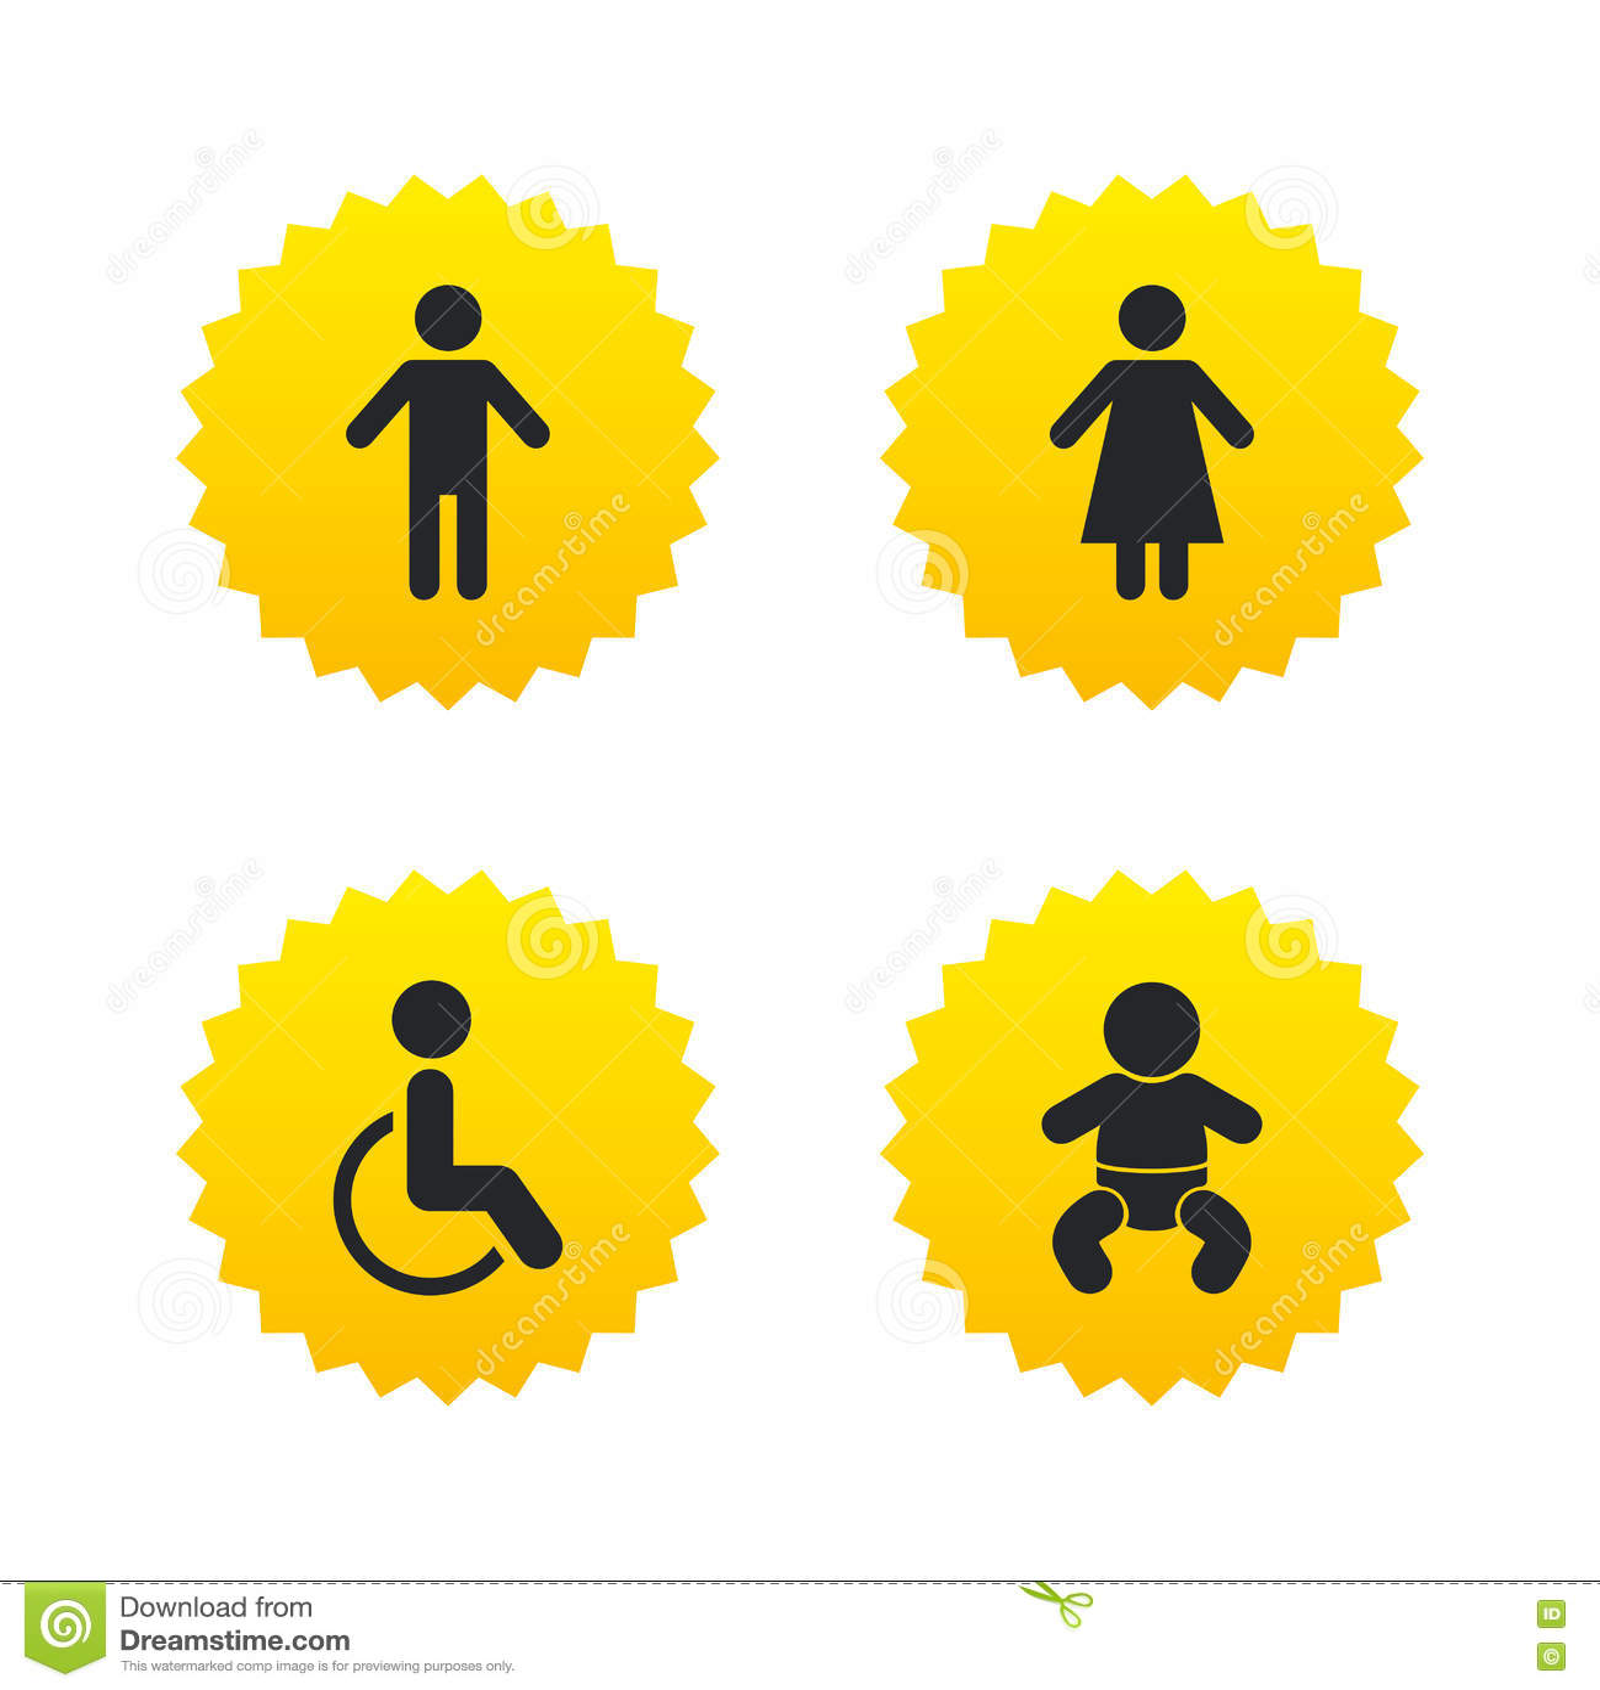 Iconos Del Retrete Del WC Varón Humano O Muestras Femeninas Ilustración del Vector